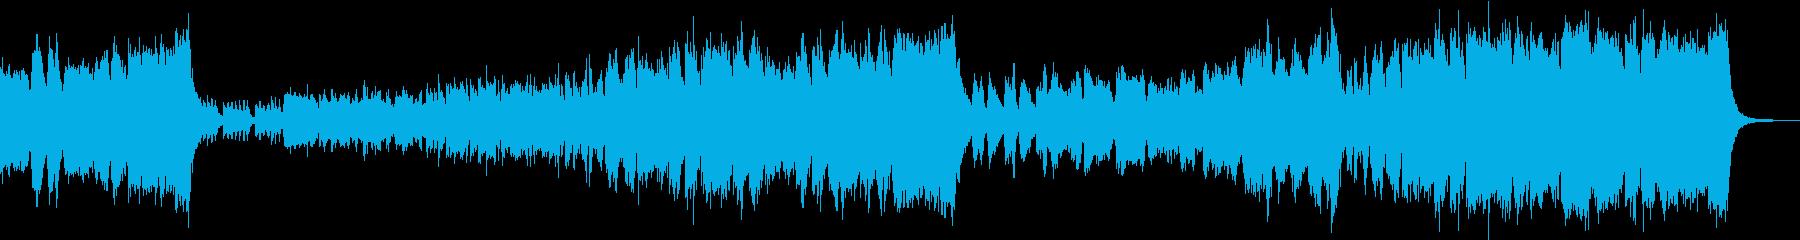 ゴシックホラー、壮大で恐怖のハロウィンの再生済みの波形